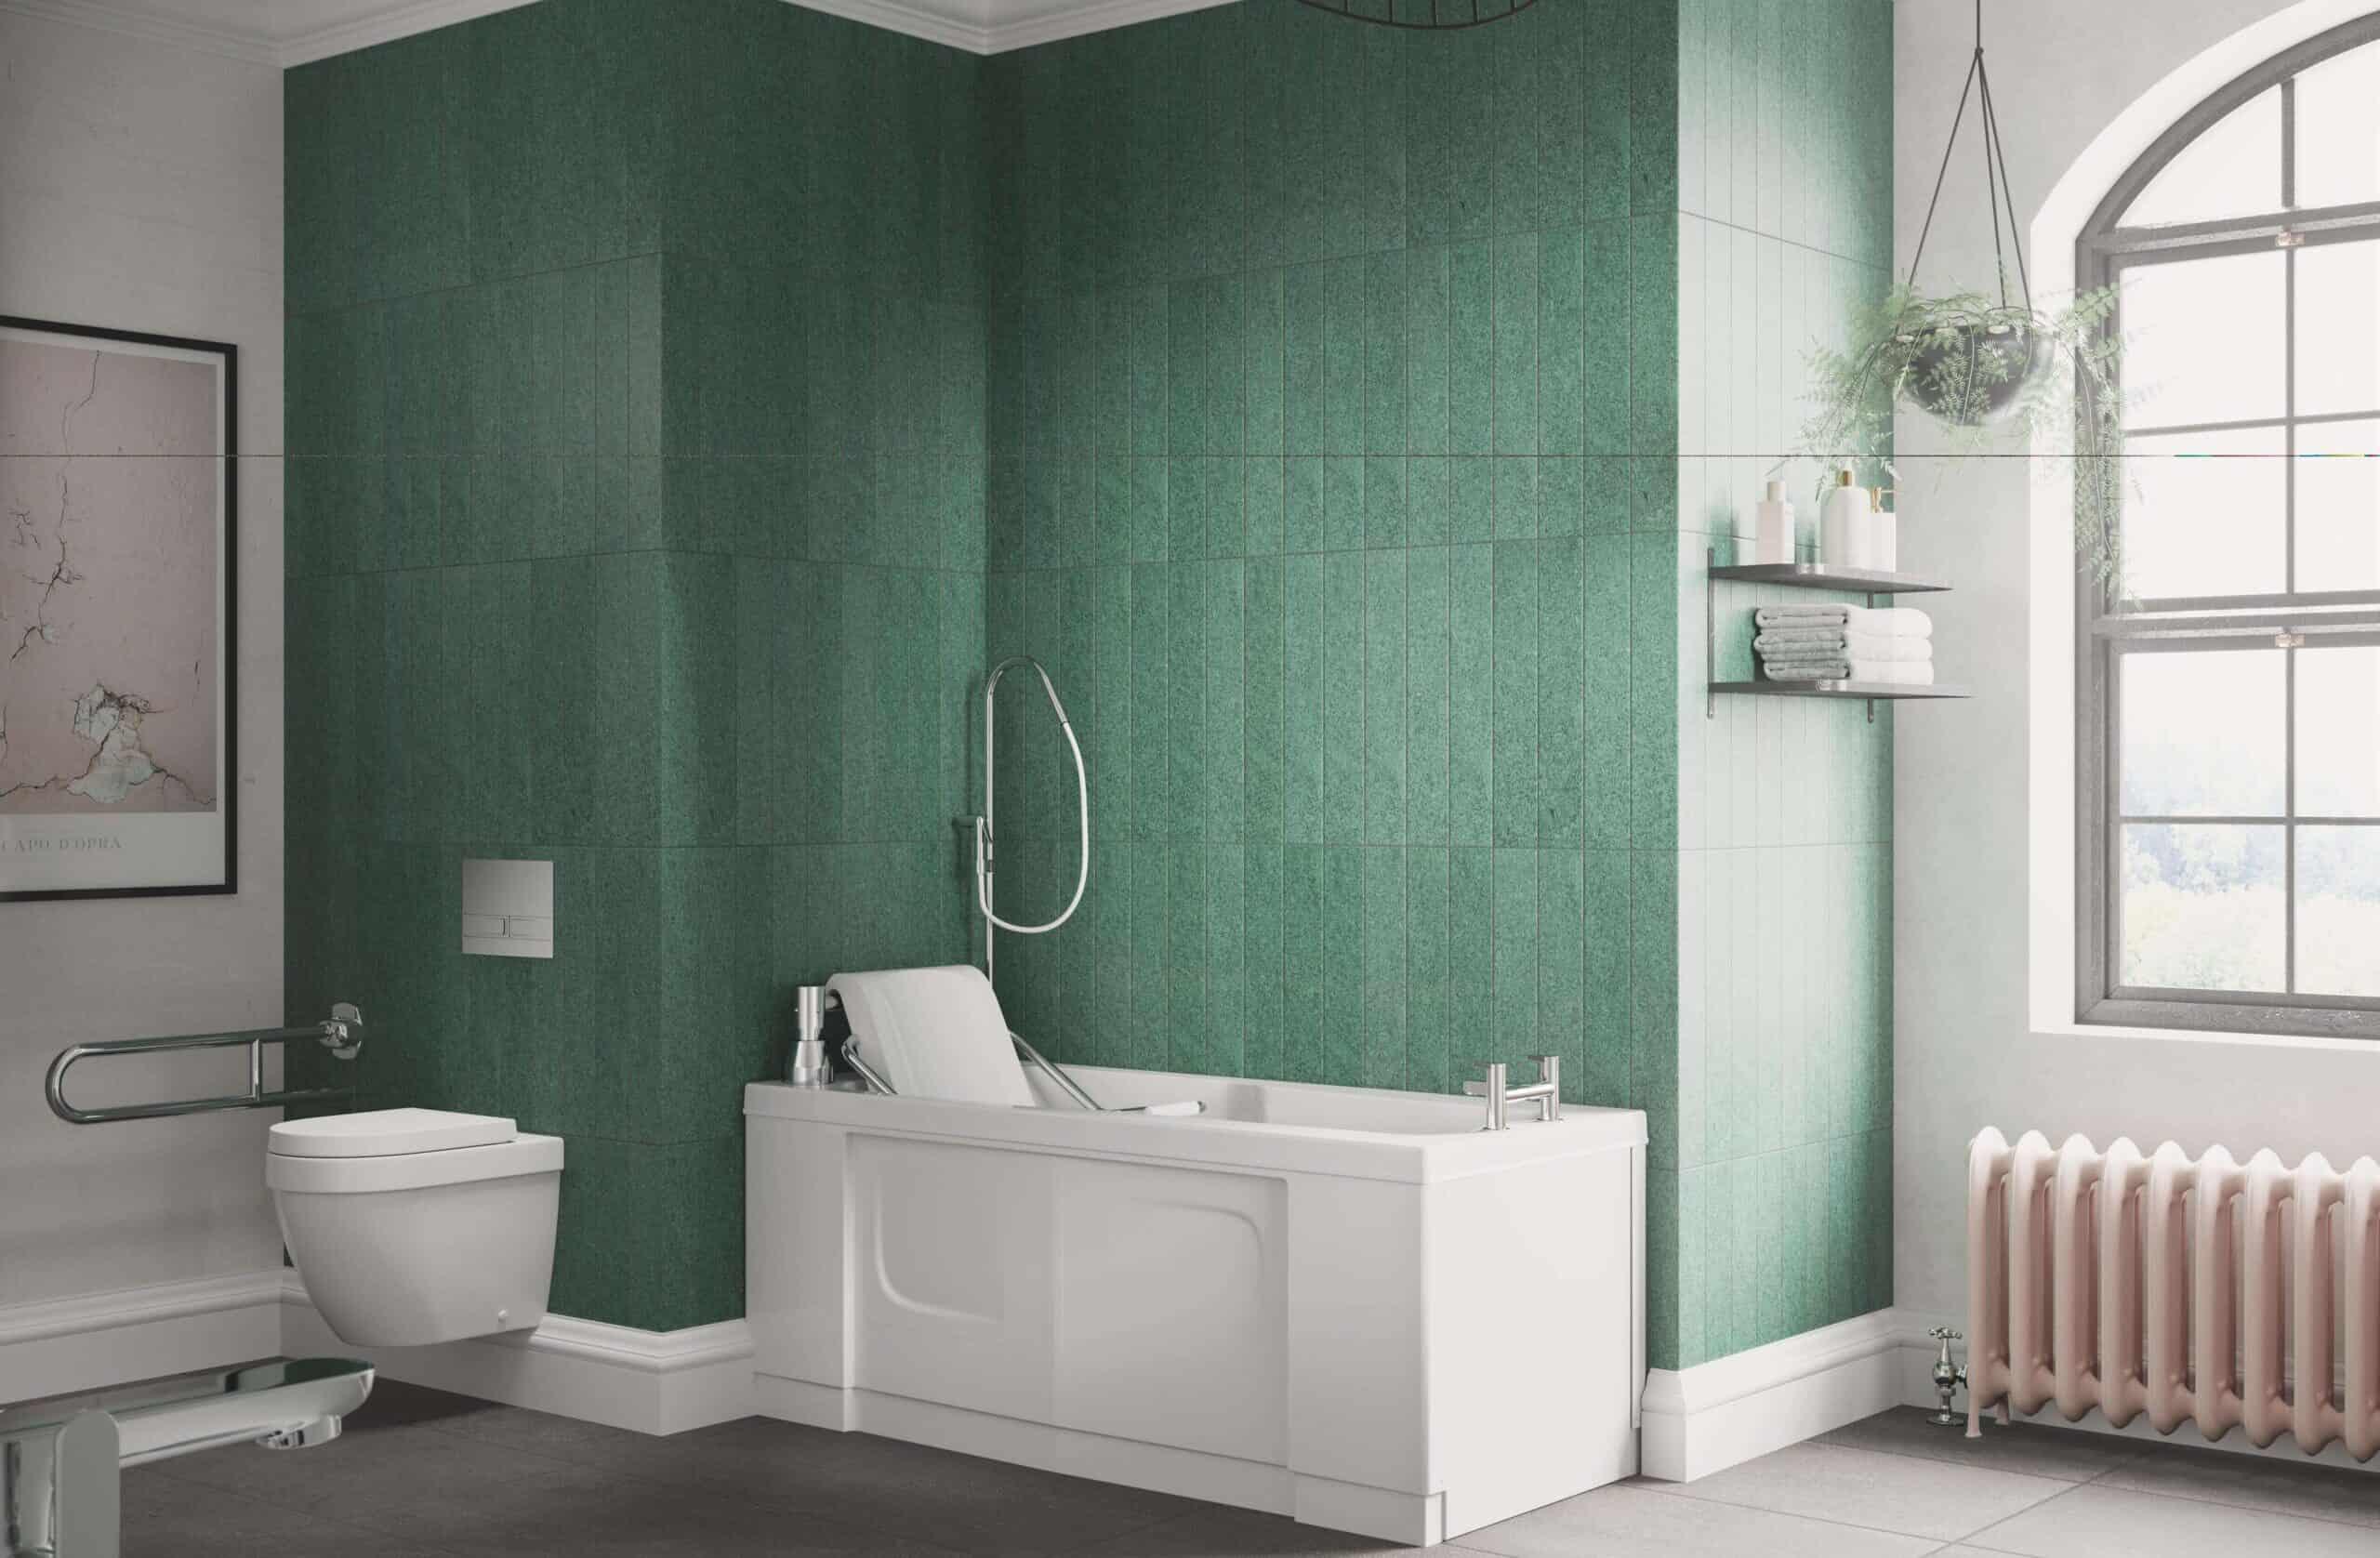 Marcella power list bath in a green styled bathroom